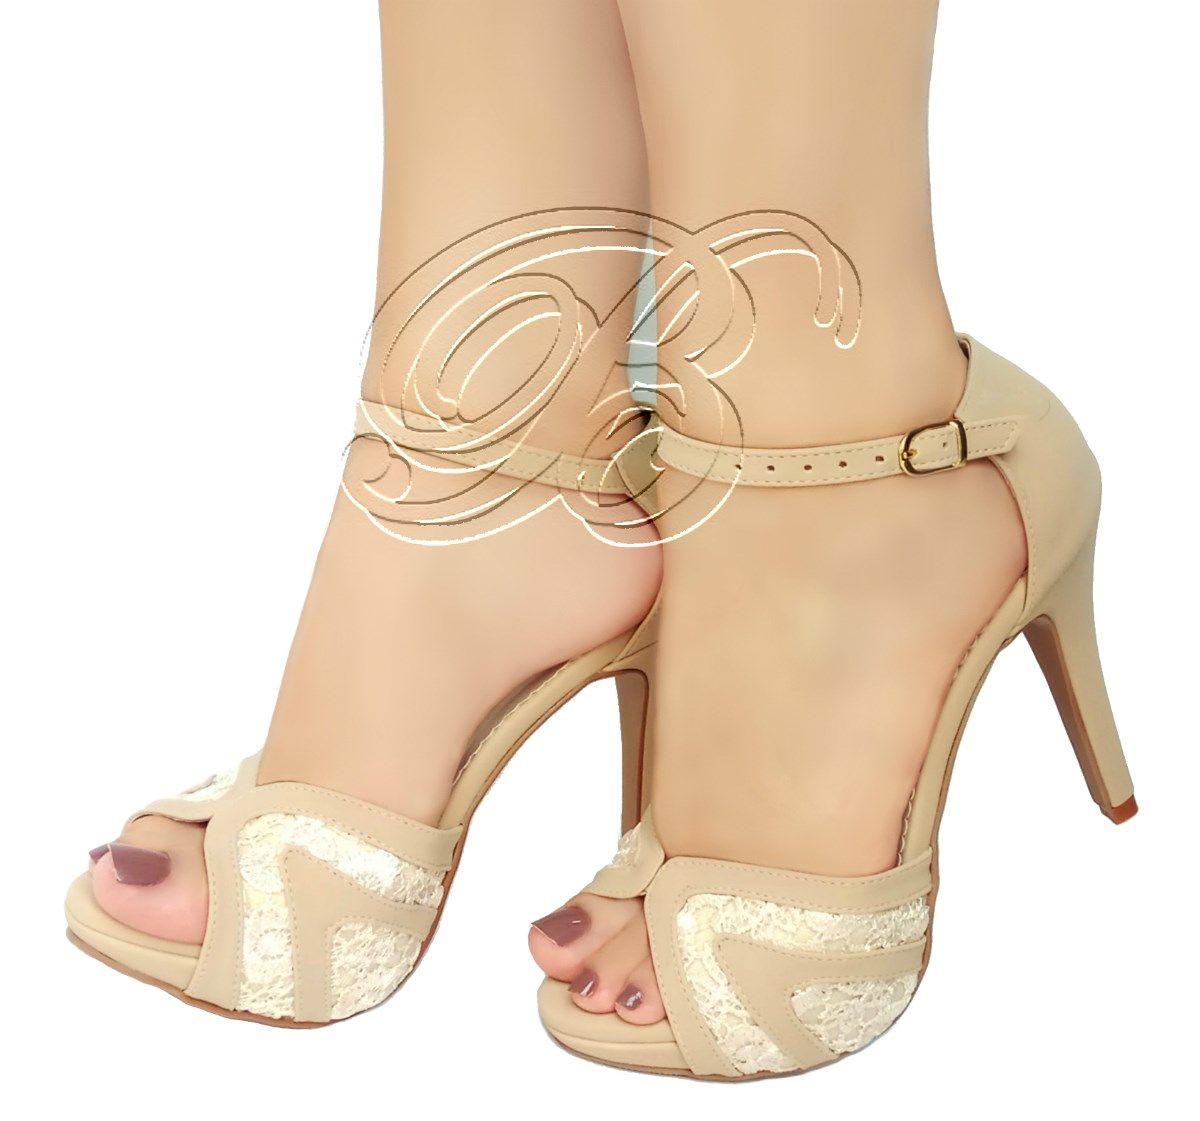 d597c4a9b7 Delicada sandália Bellatotti em bege com lindo design na frente e salto  fino. Meia pata